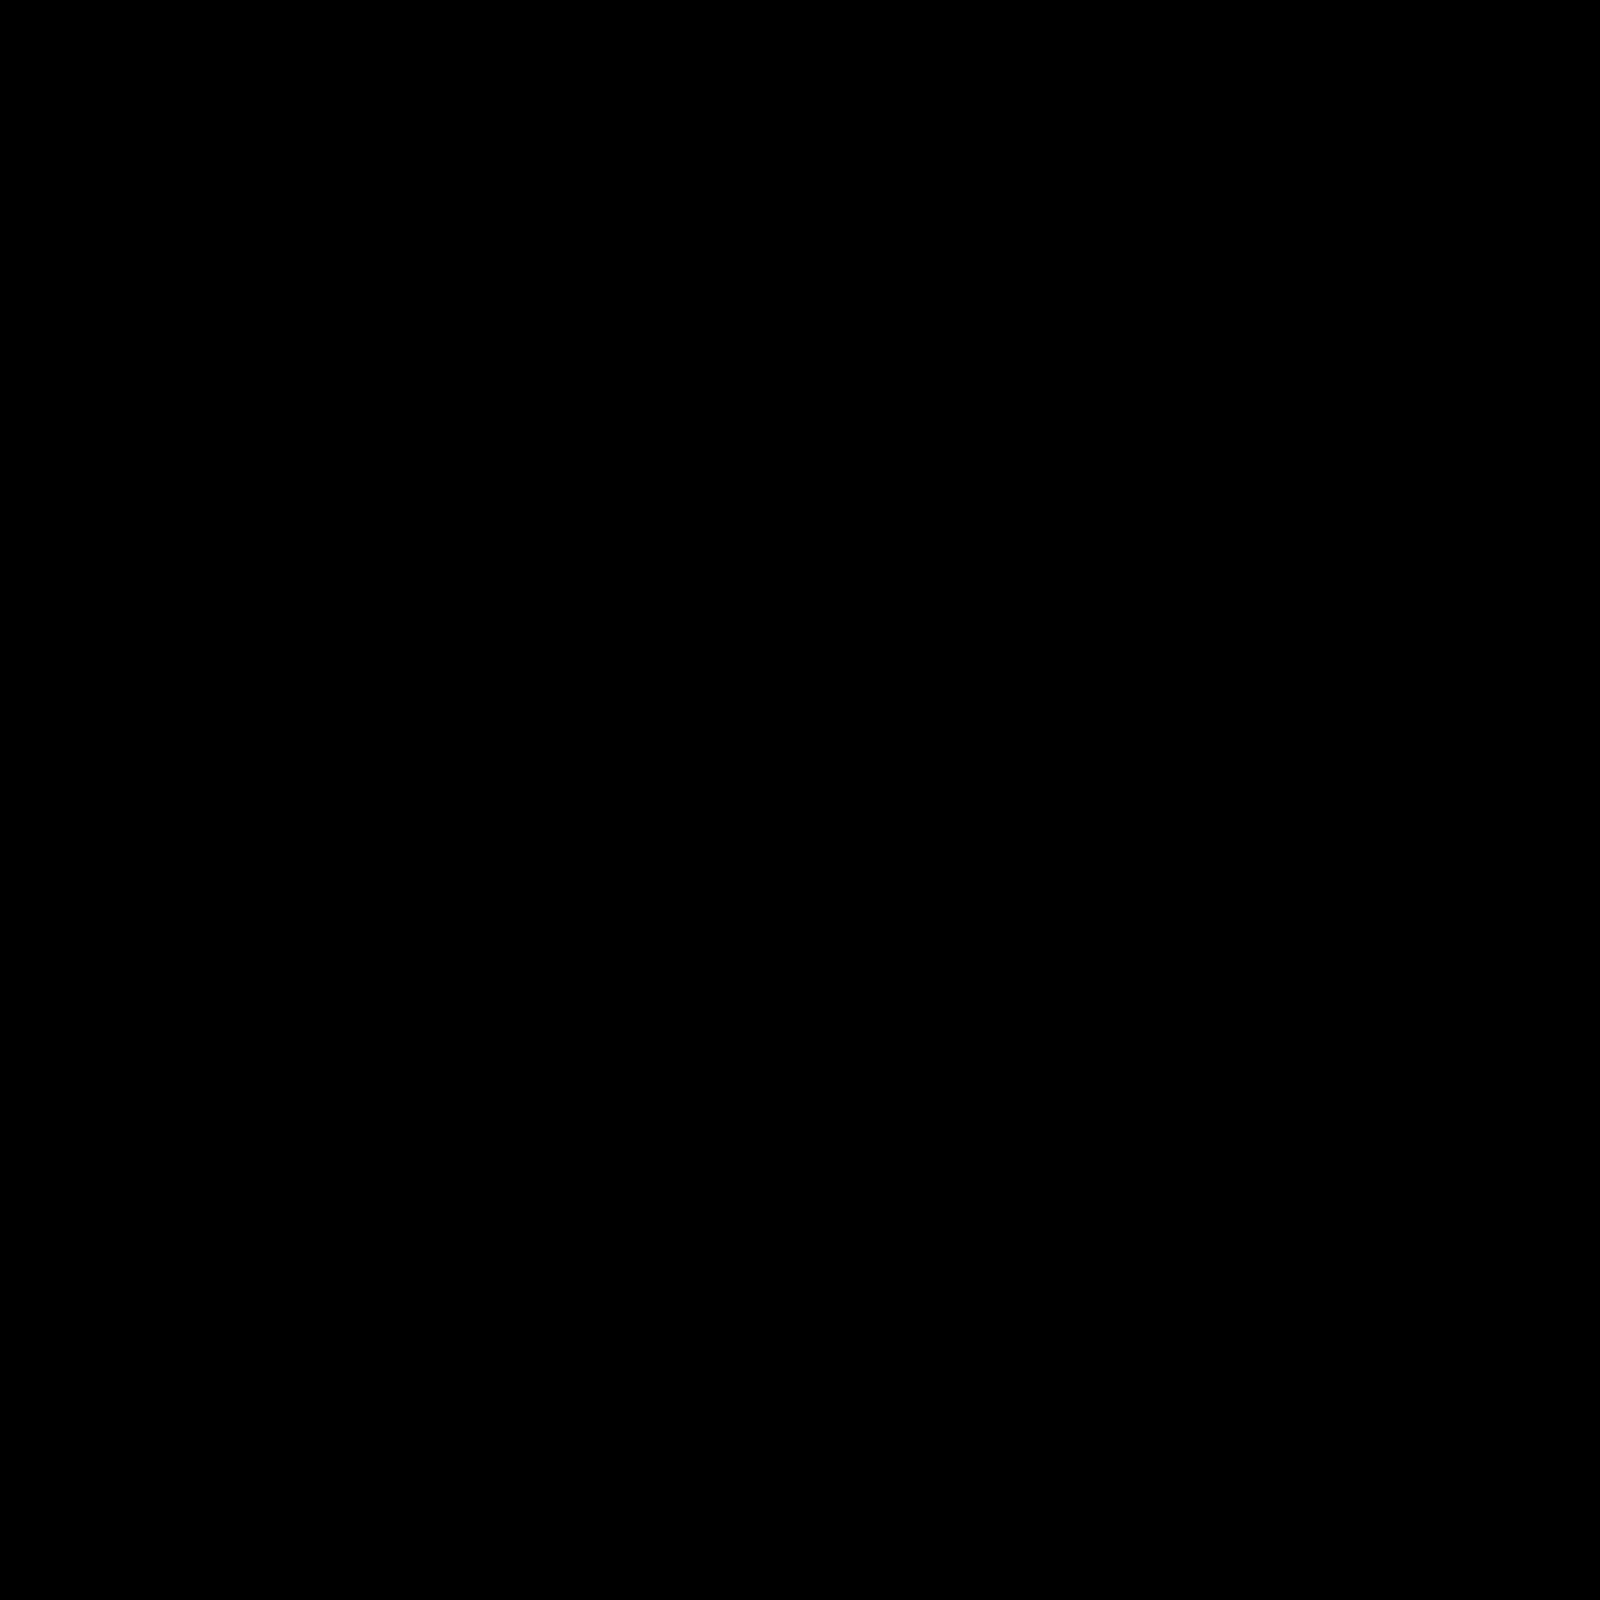 鸡尾酒调酒器 icon